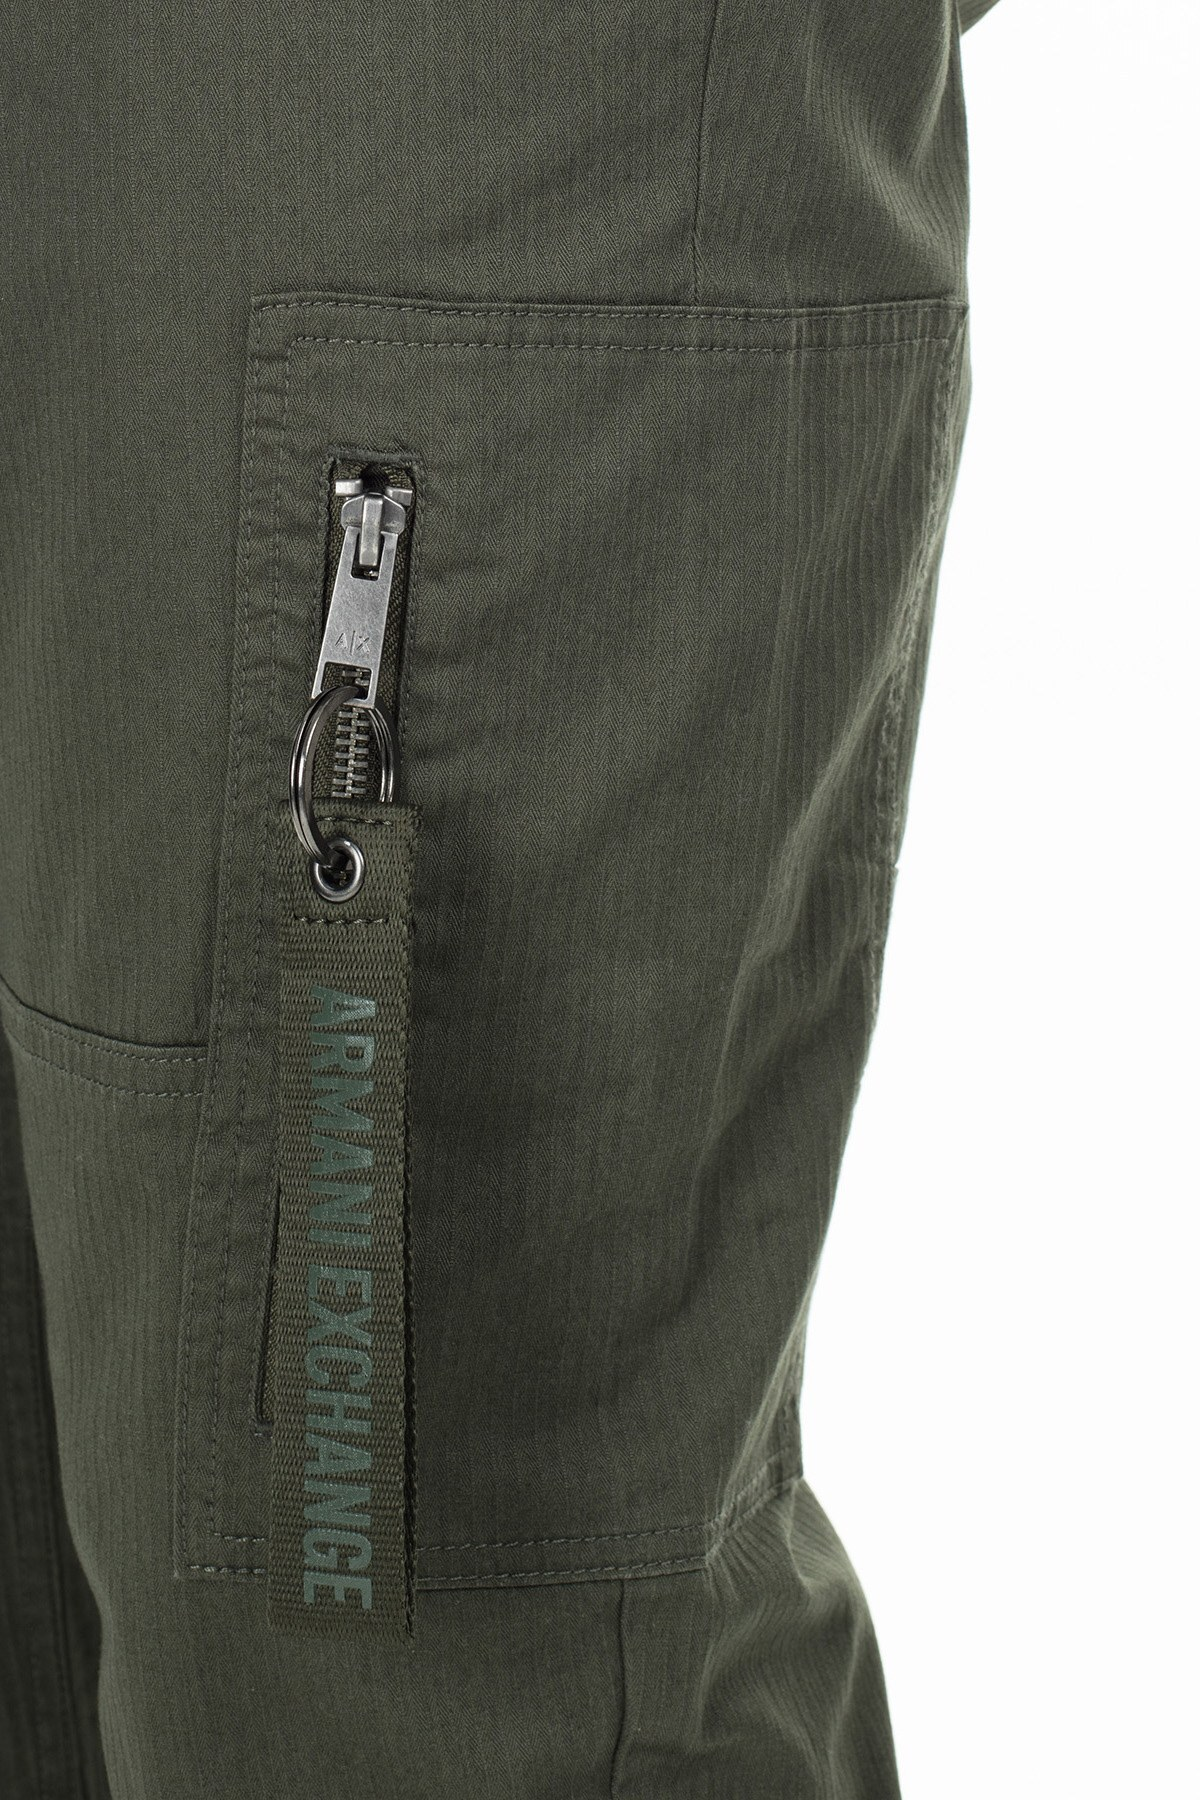 Armani Exchange Erkek Pantolon 6GZP12 ZNPNZ 1842 HAKİ